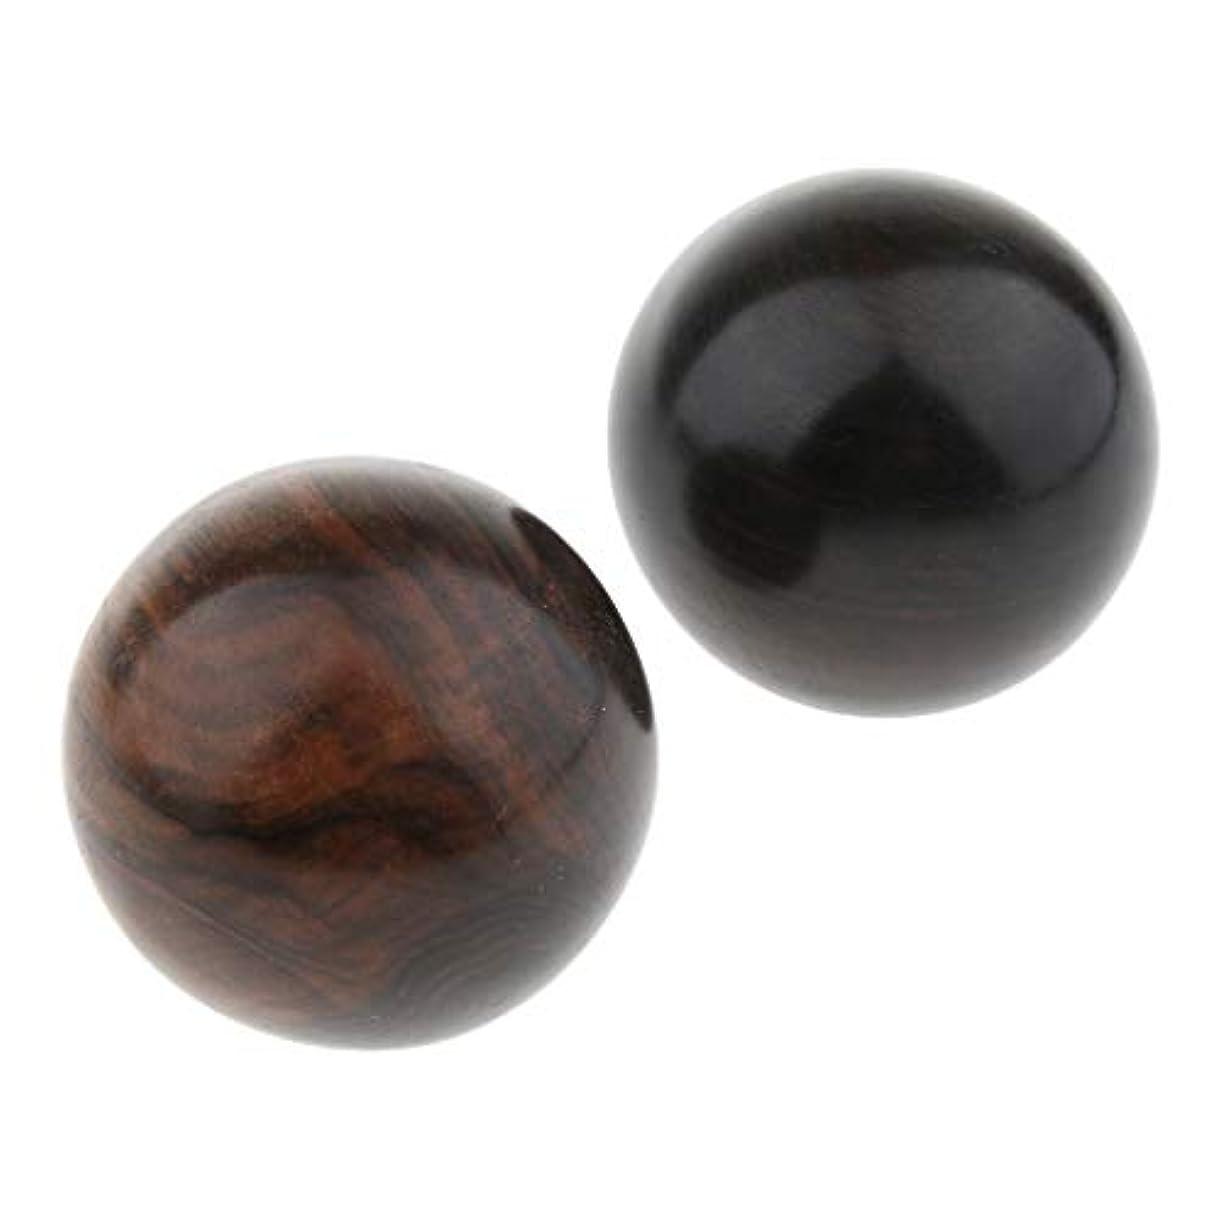 格差フルーティー同情ハンドボール マッサージボール 木製 ストレス解消 運動 トリガーポイント 2個入